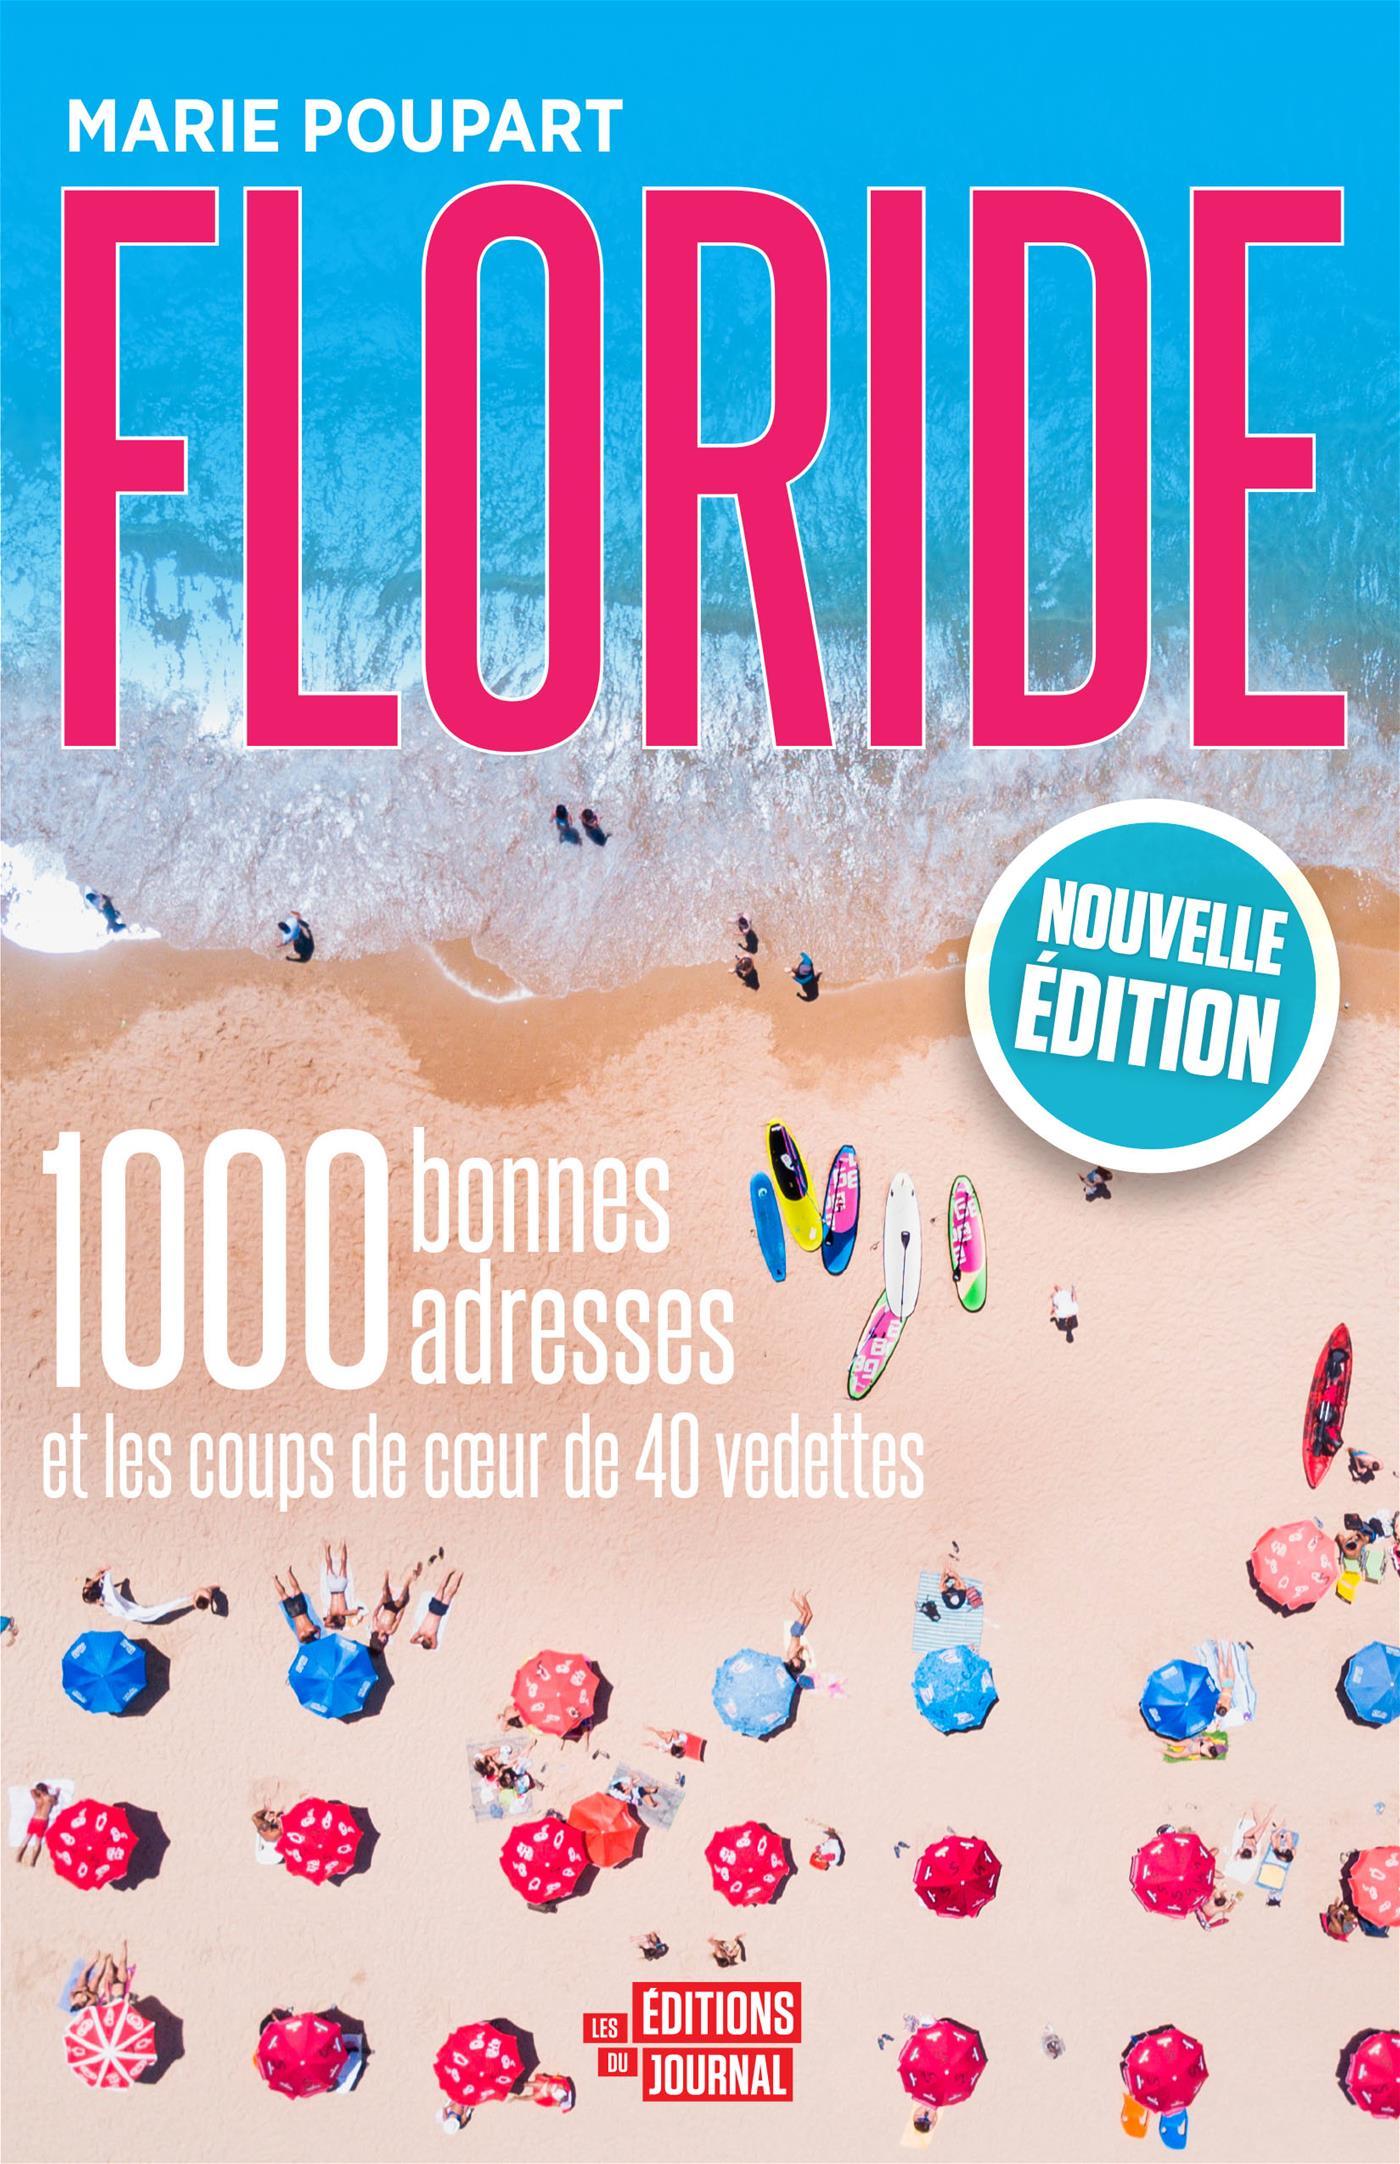 Floride, nouvelle édition